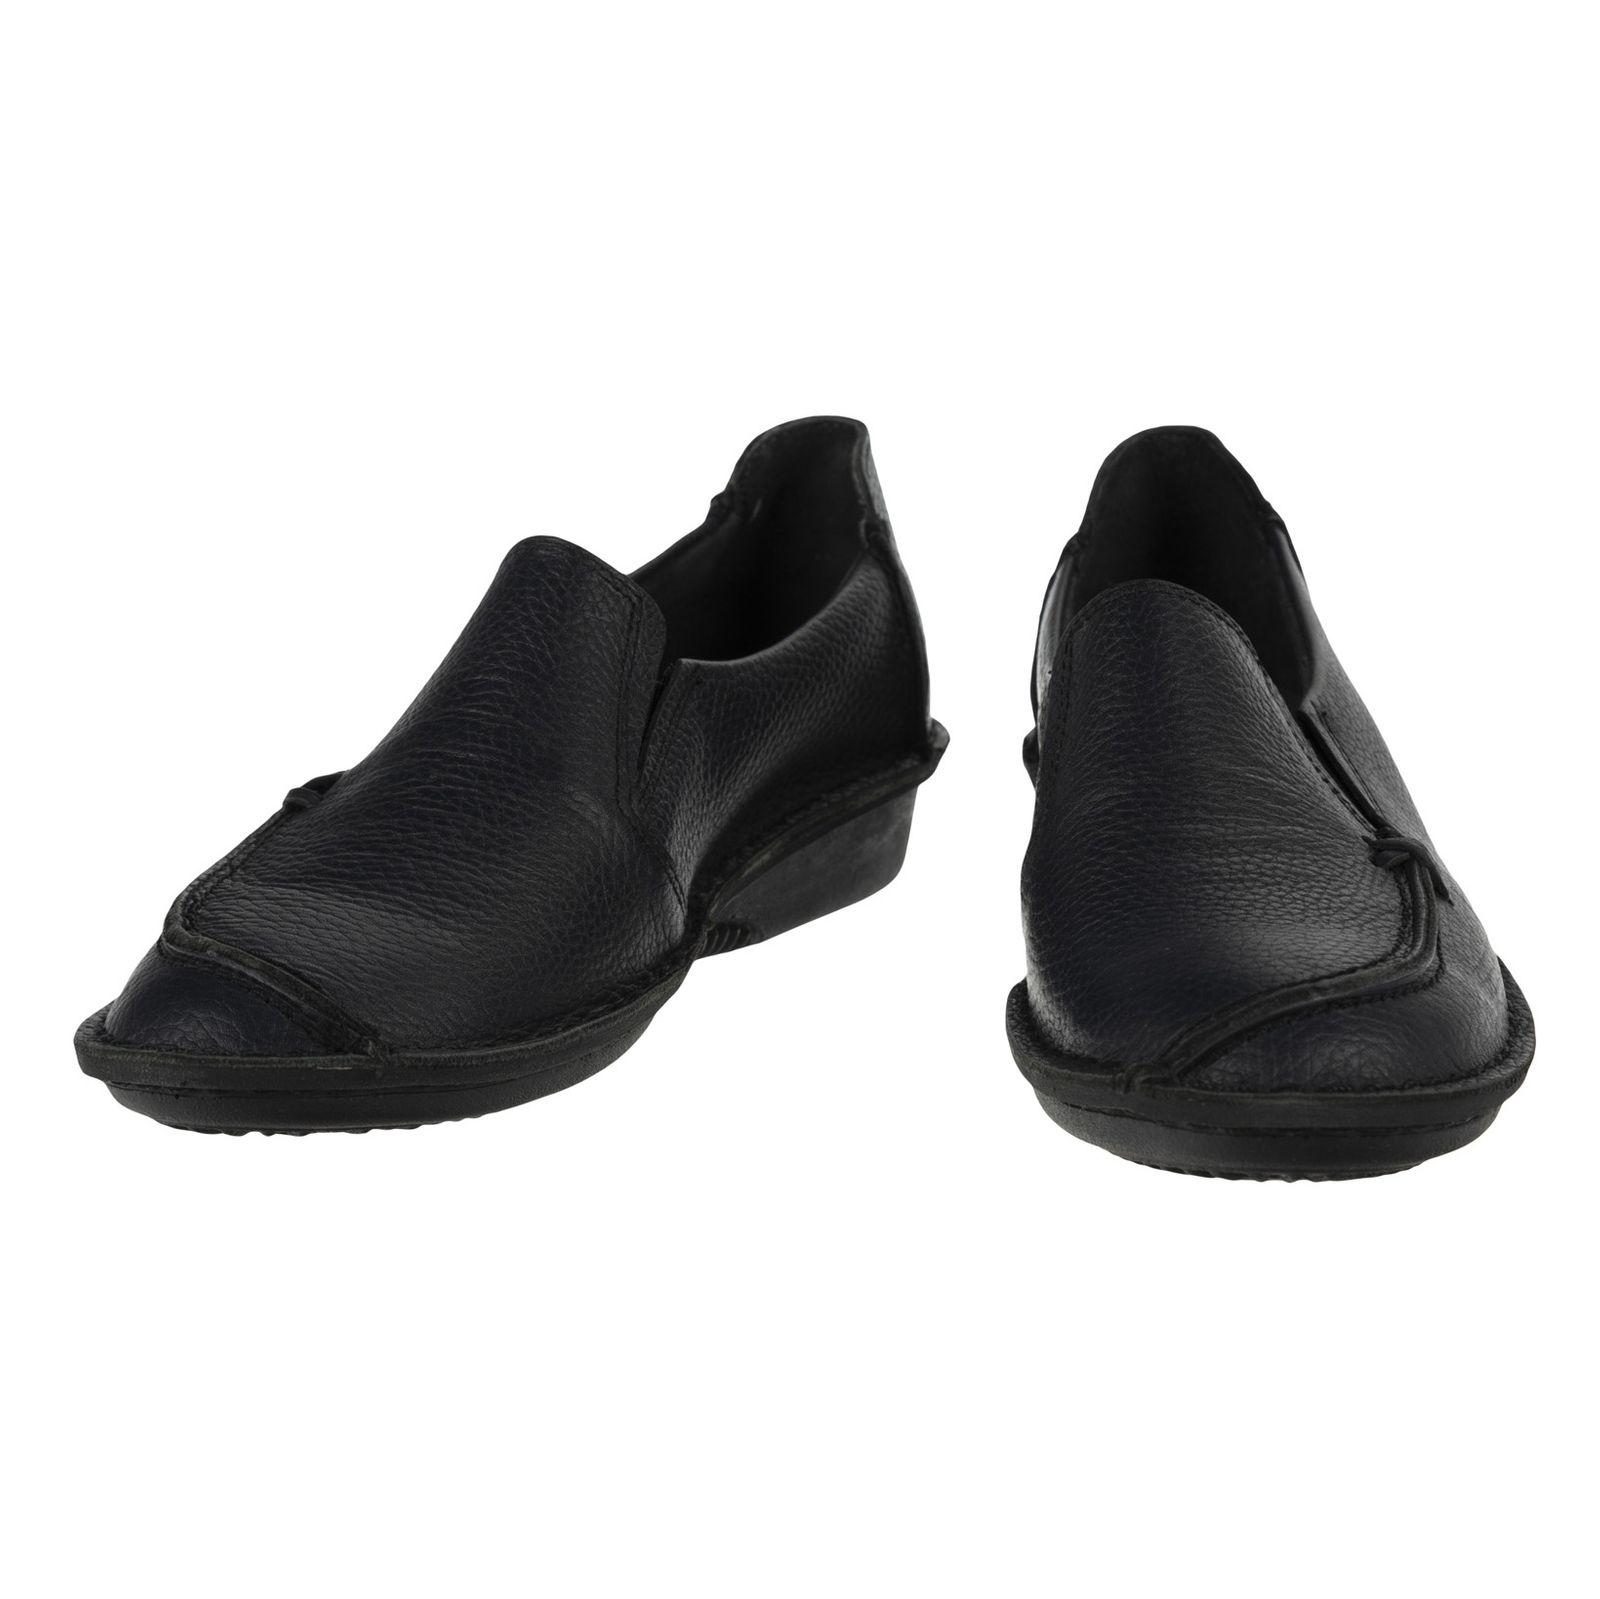 کفش روزمره زنانه دلفارد مدل DL5034F500-103 -  - 6